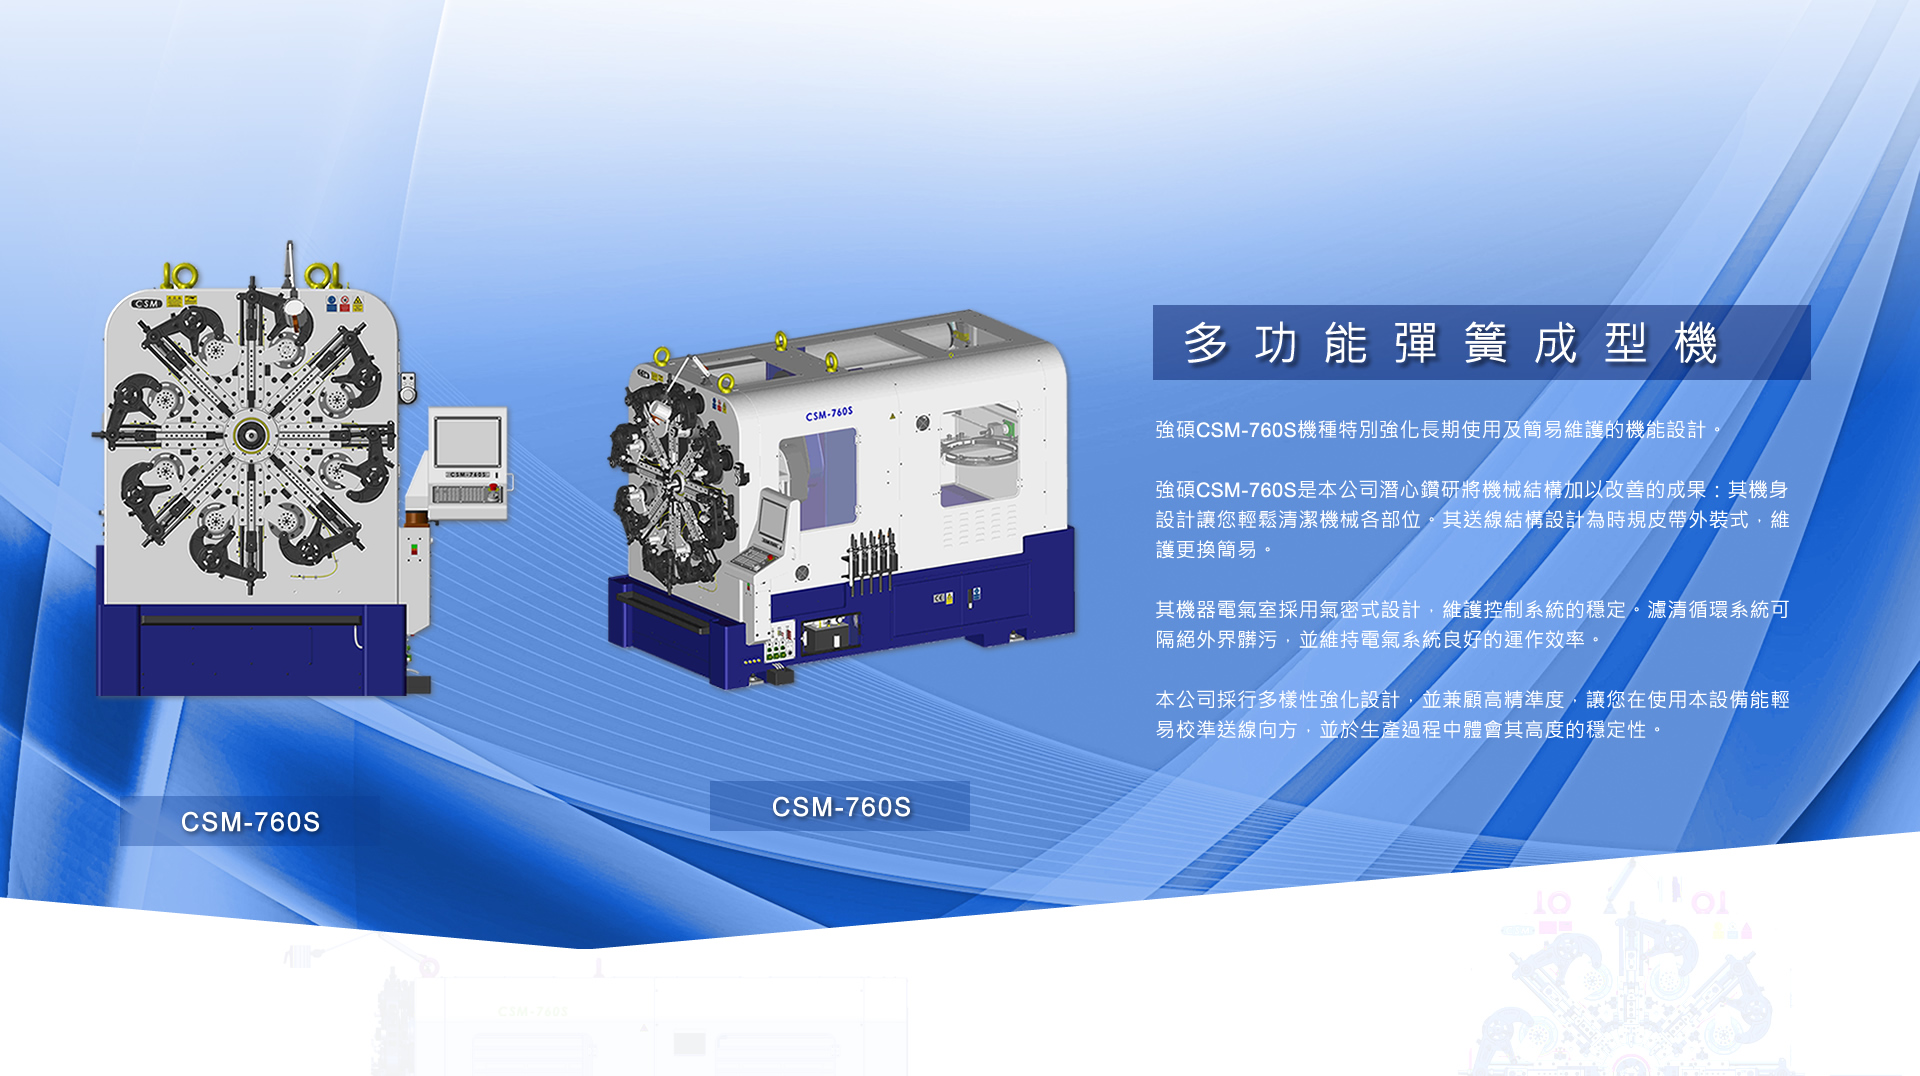 CSM-760S